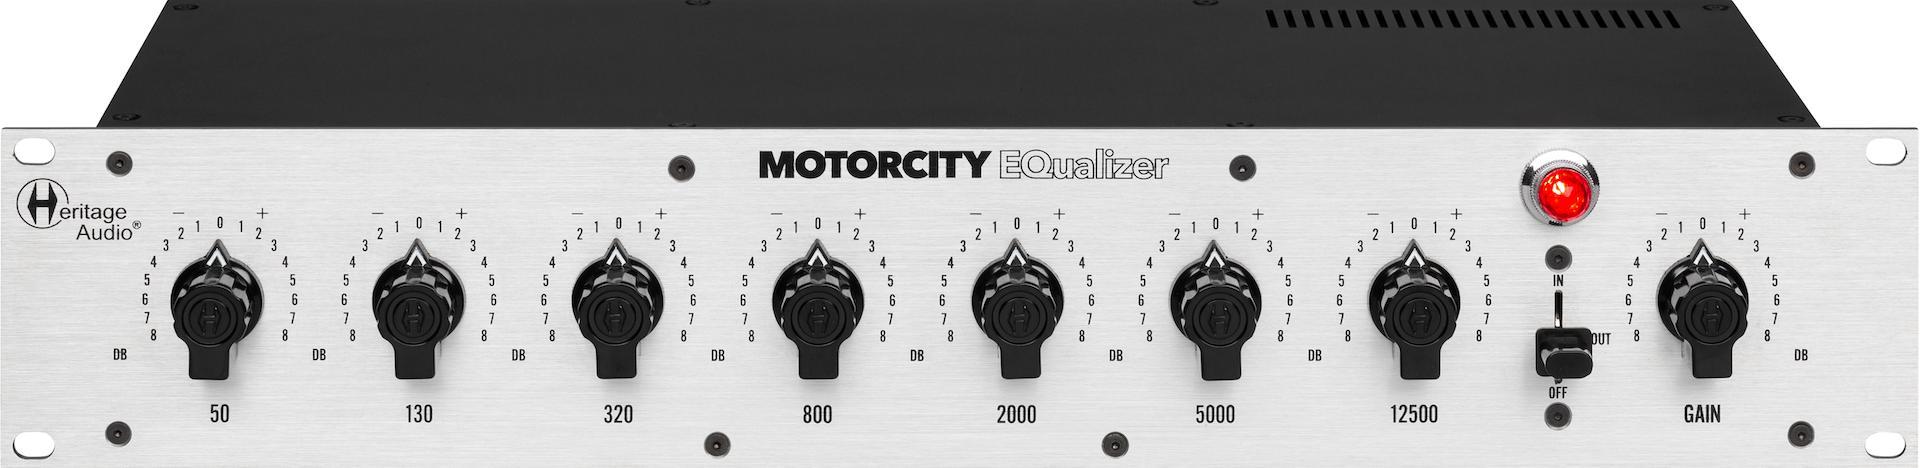 Motorcity-Equalizer-negro-v2.2.png.jpg